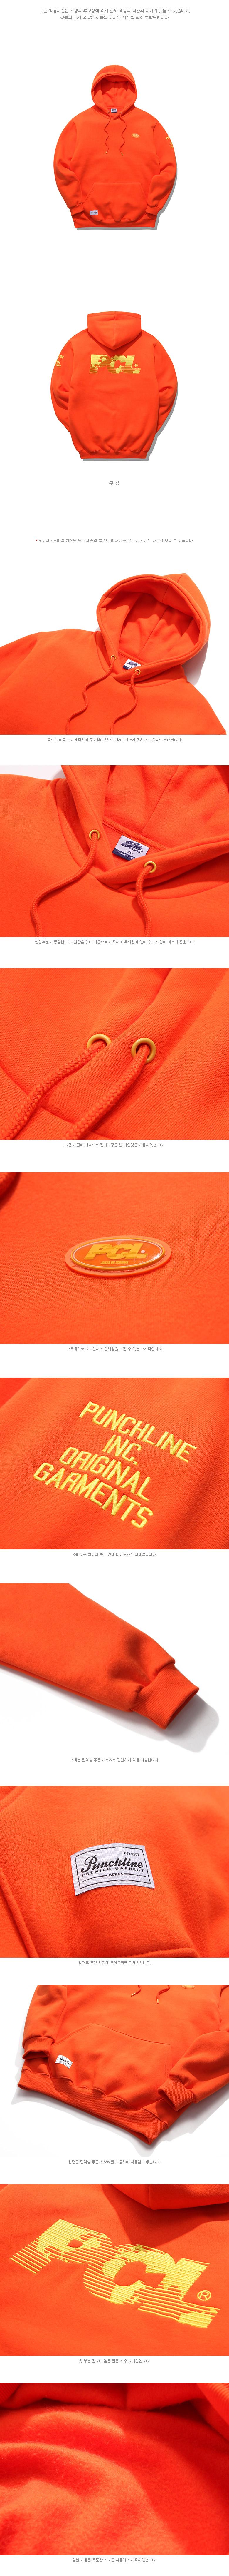 20180829_pl_STHD6109_detail_orange.jpg